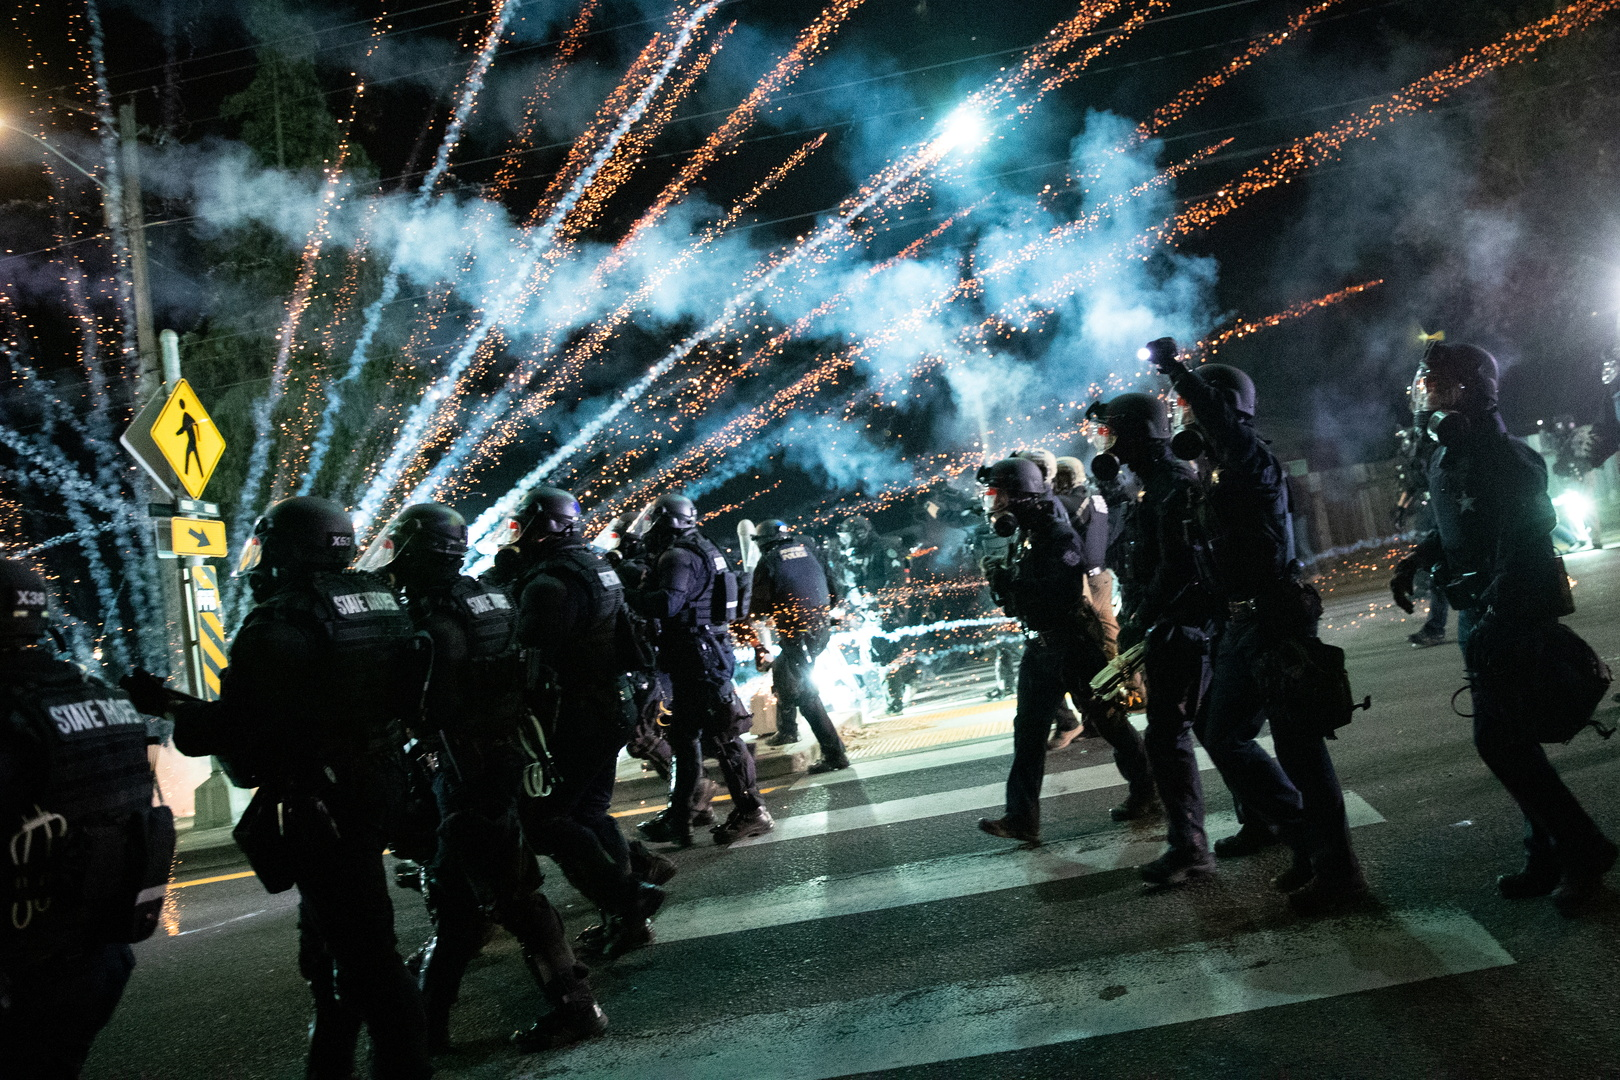 أعمال شغب في بورتلاند خلال مظاهرات لإحياء ذكرى فلويد